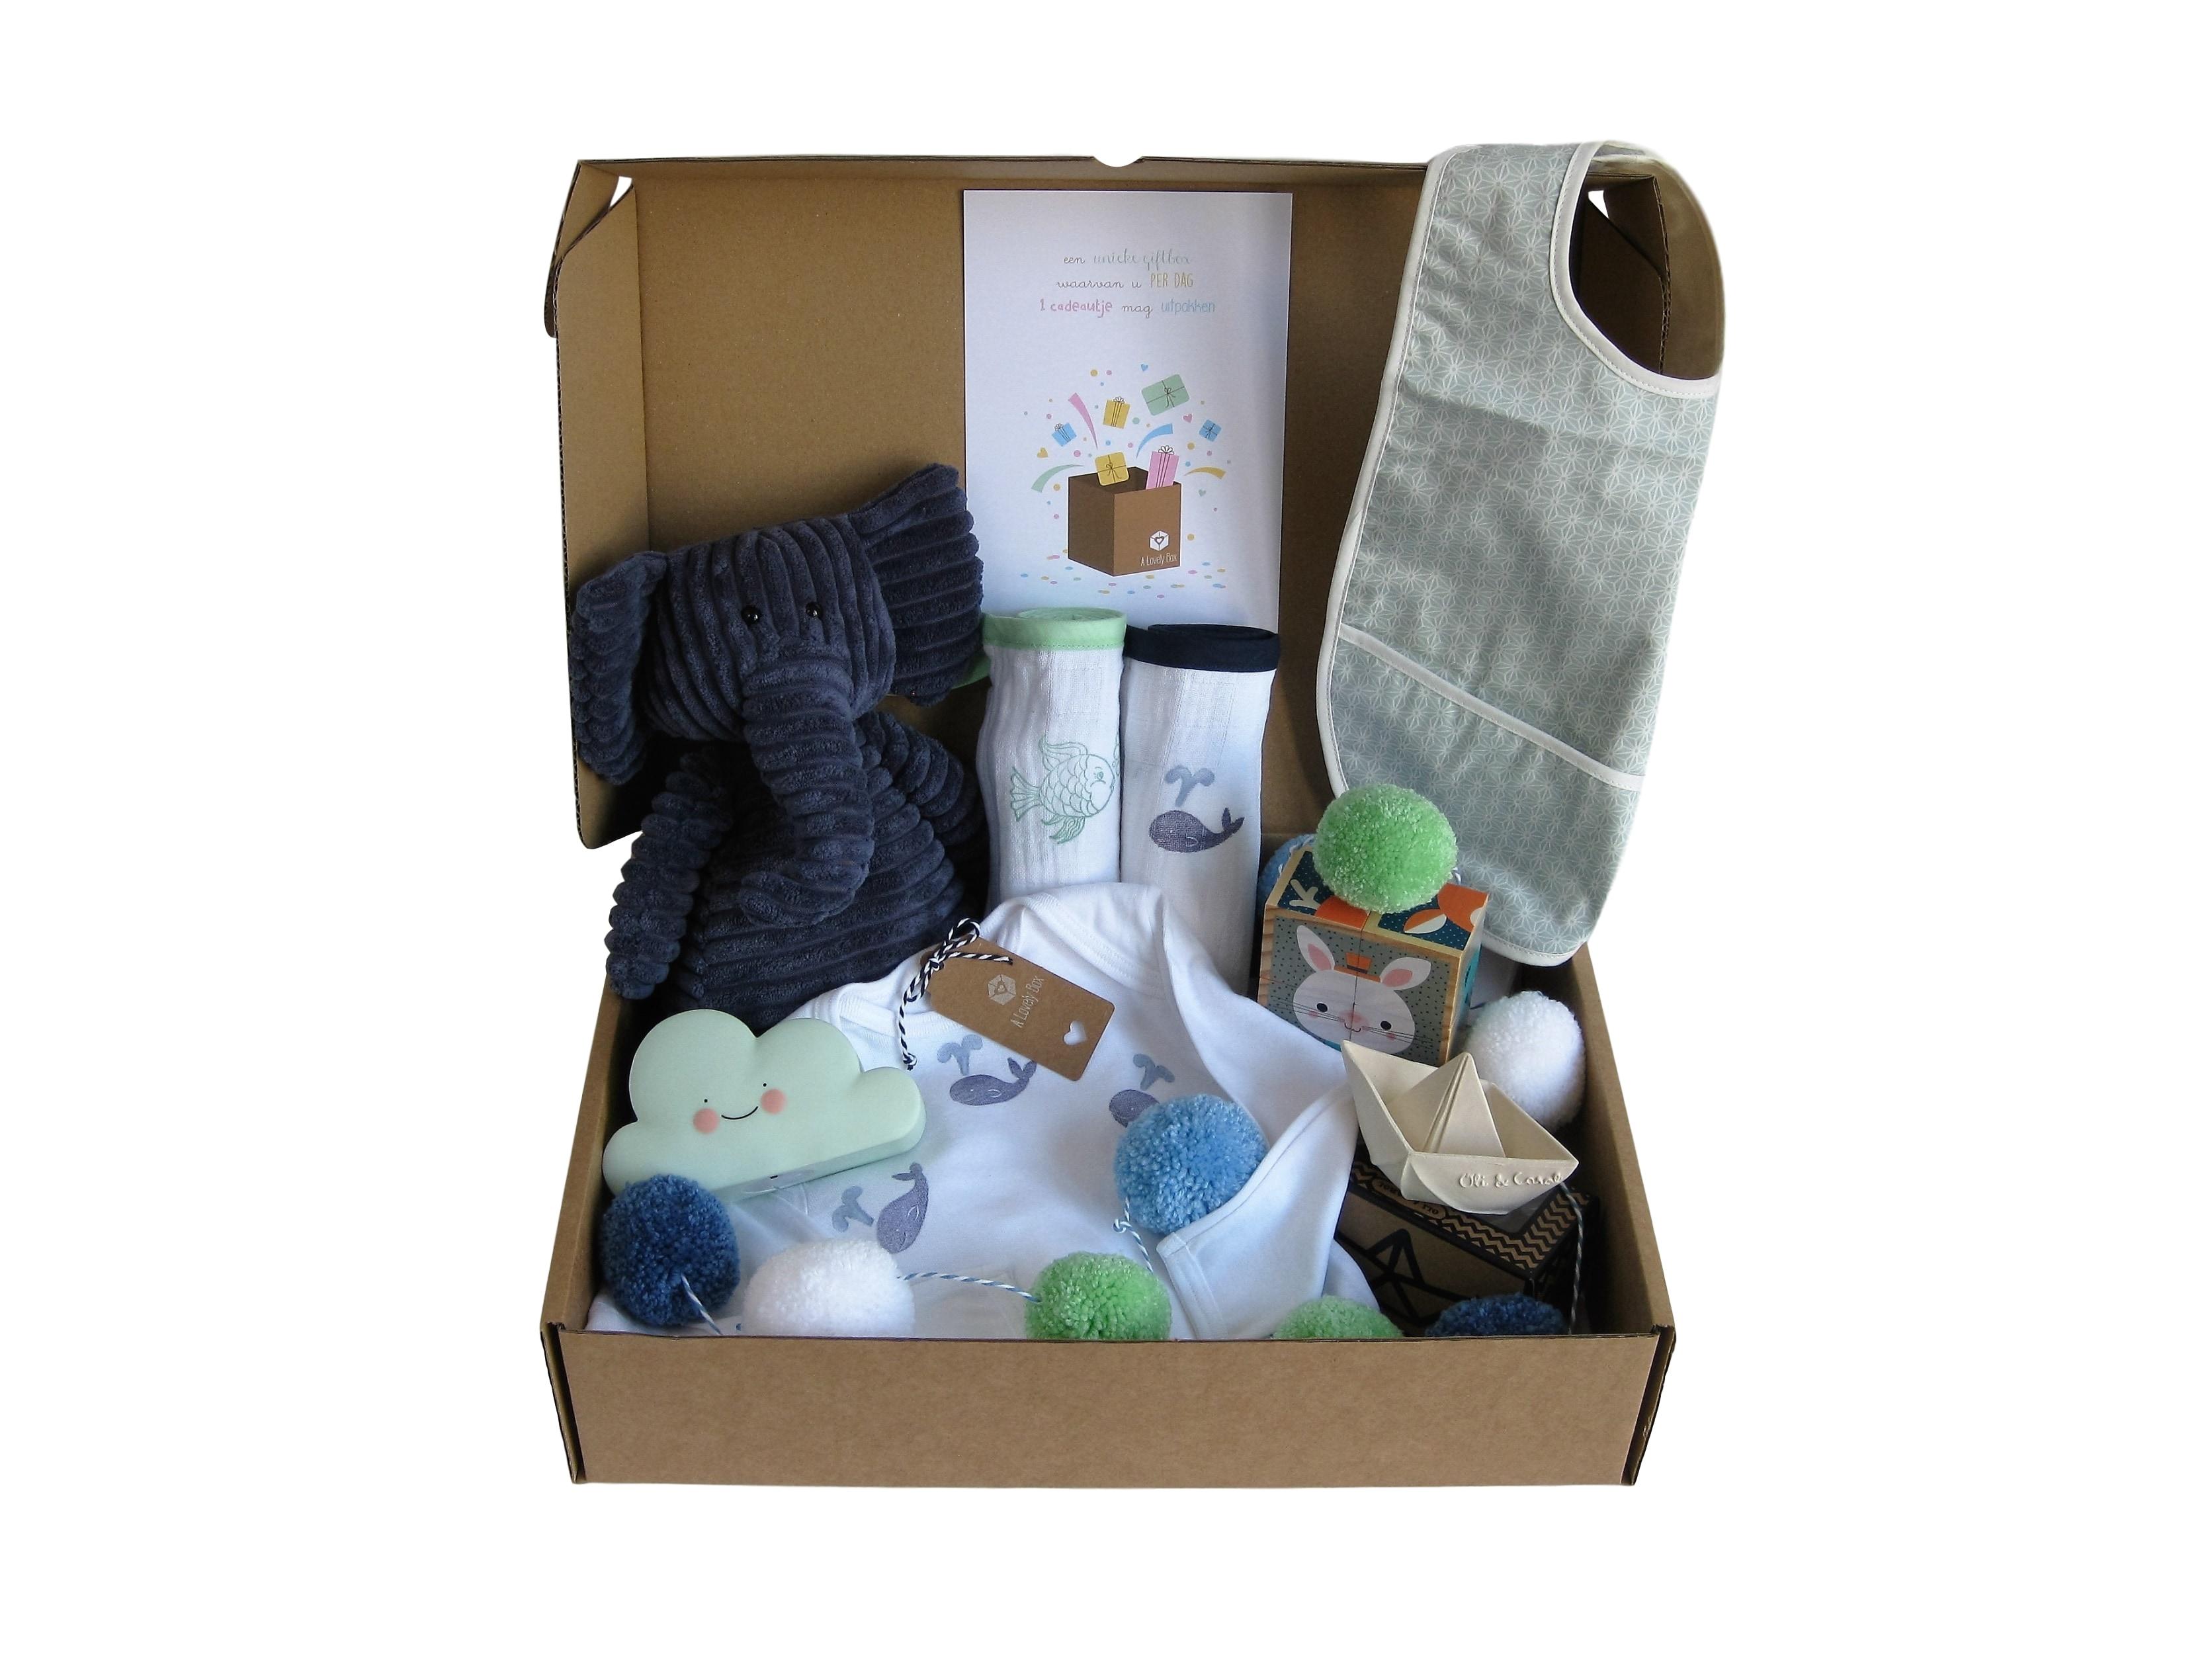 Bedwelming Het ultieme cadeau tijdens je zwangerschap of na je bevalling #NE21